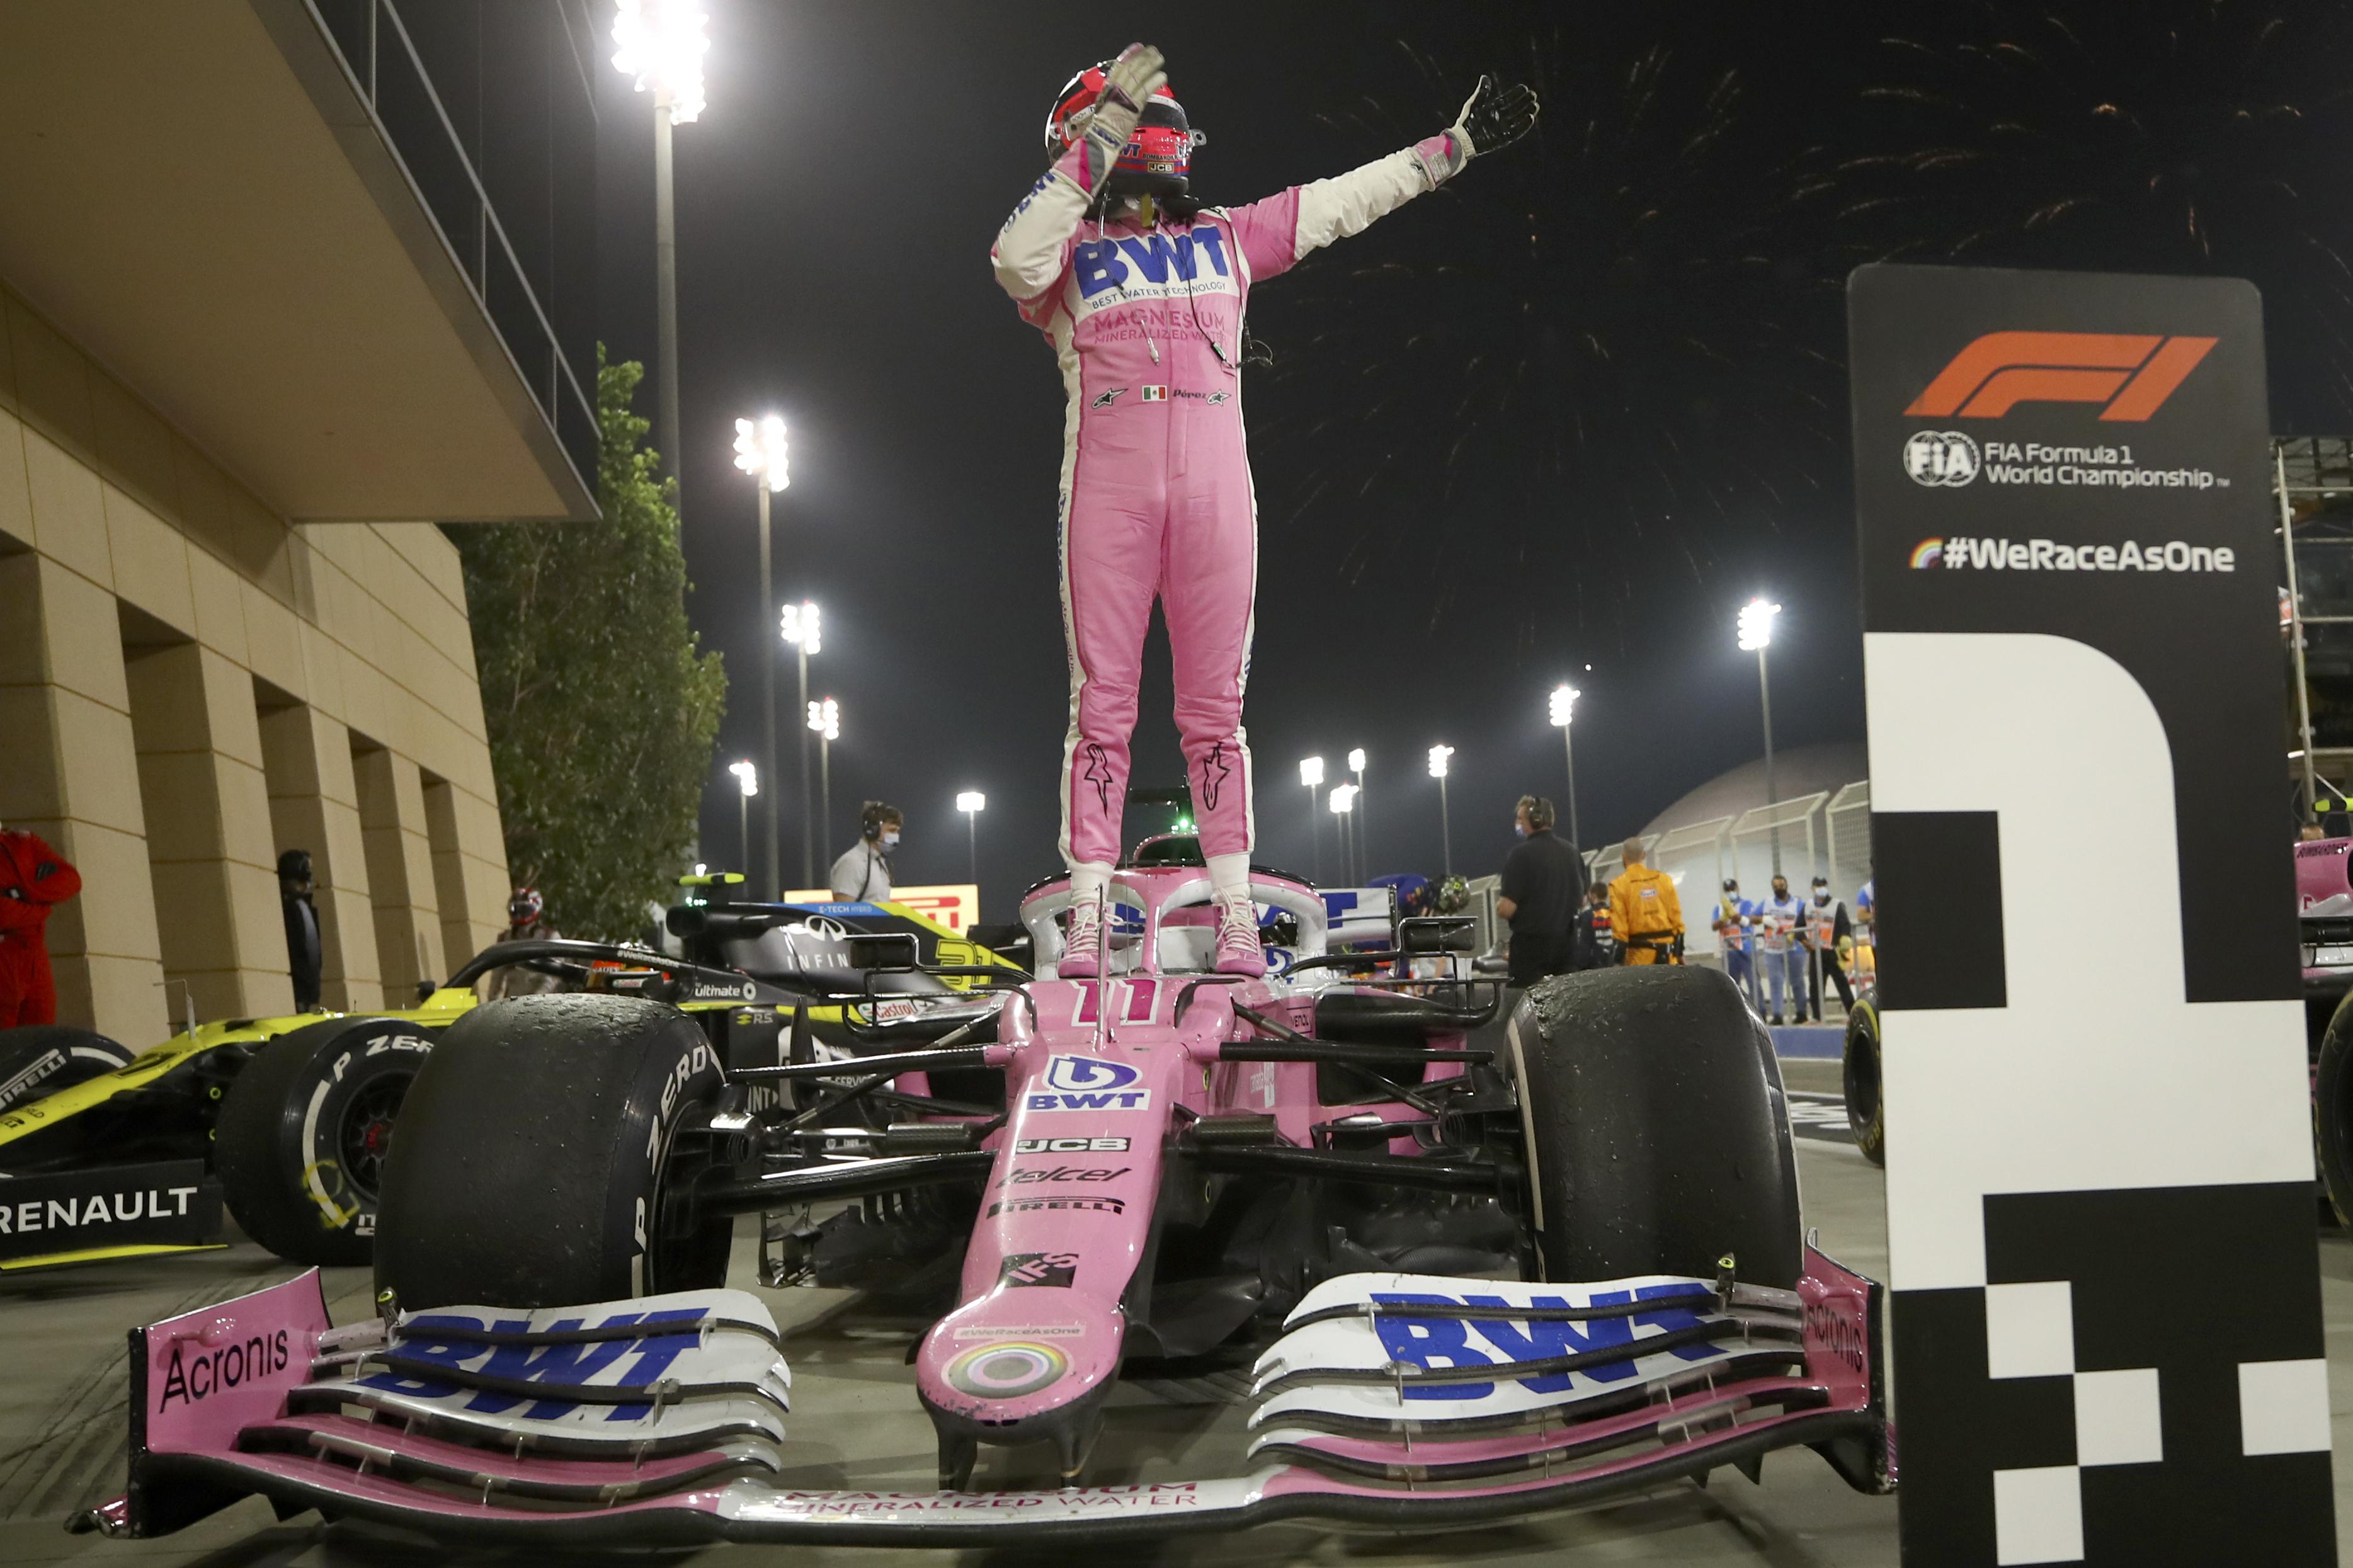 El piloto de Racing Point Sergio Pérez de México celebra su victoria en el Gran Premio de Fórmula 1 de Sakhir, Baréin el domingo 6 de diciembre de 2020.